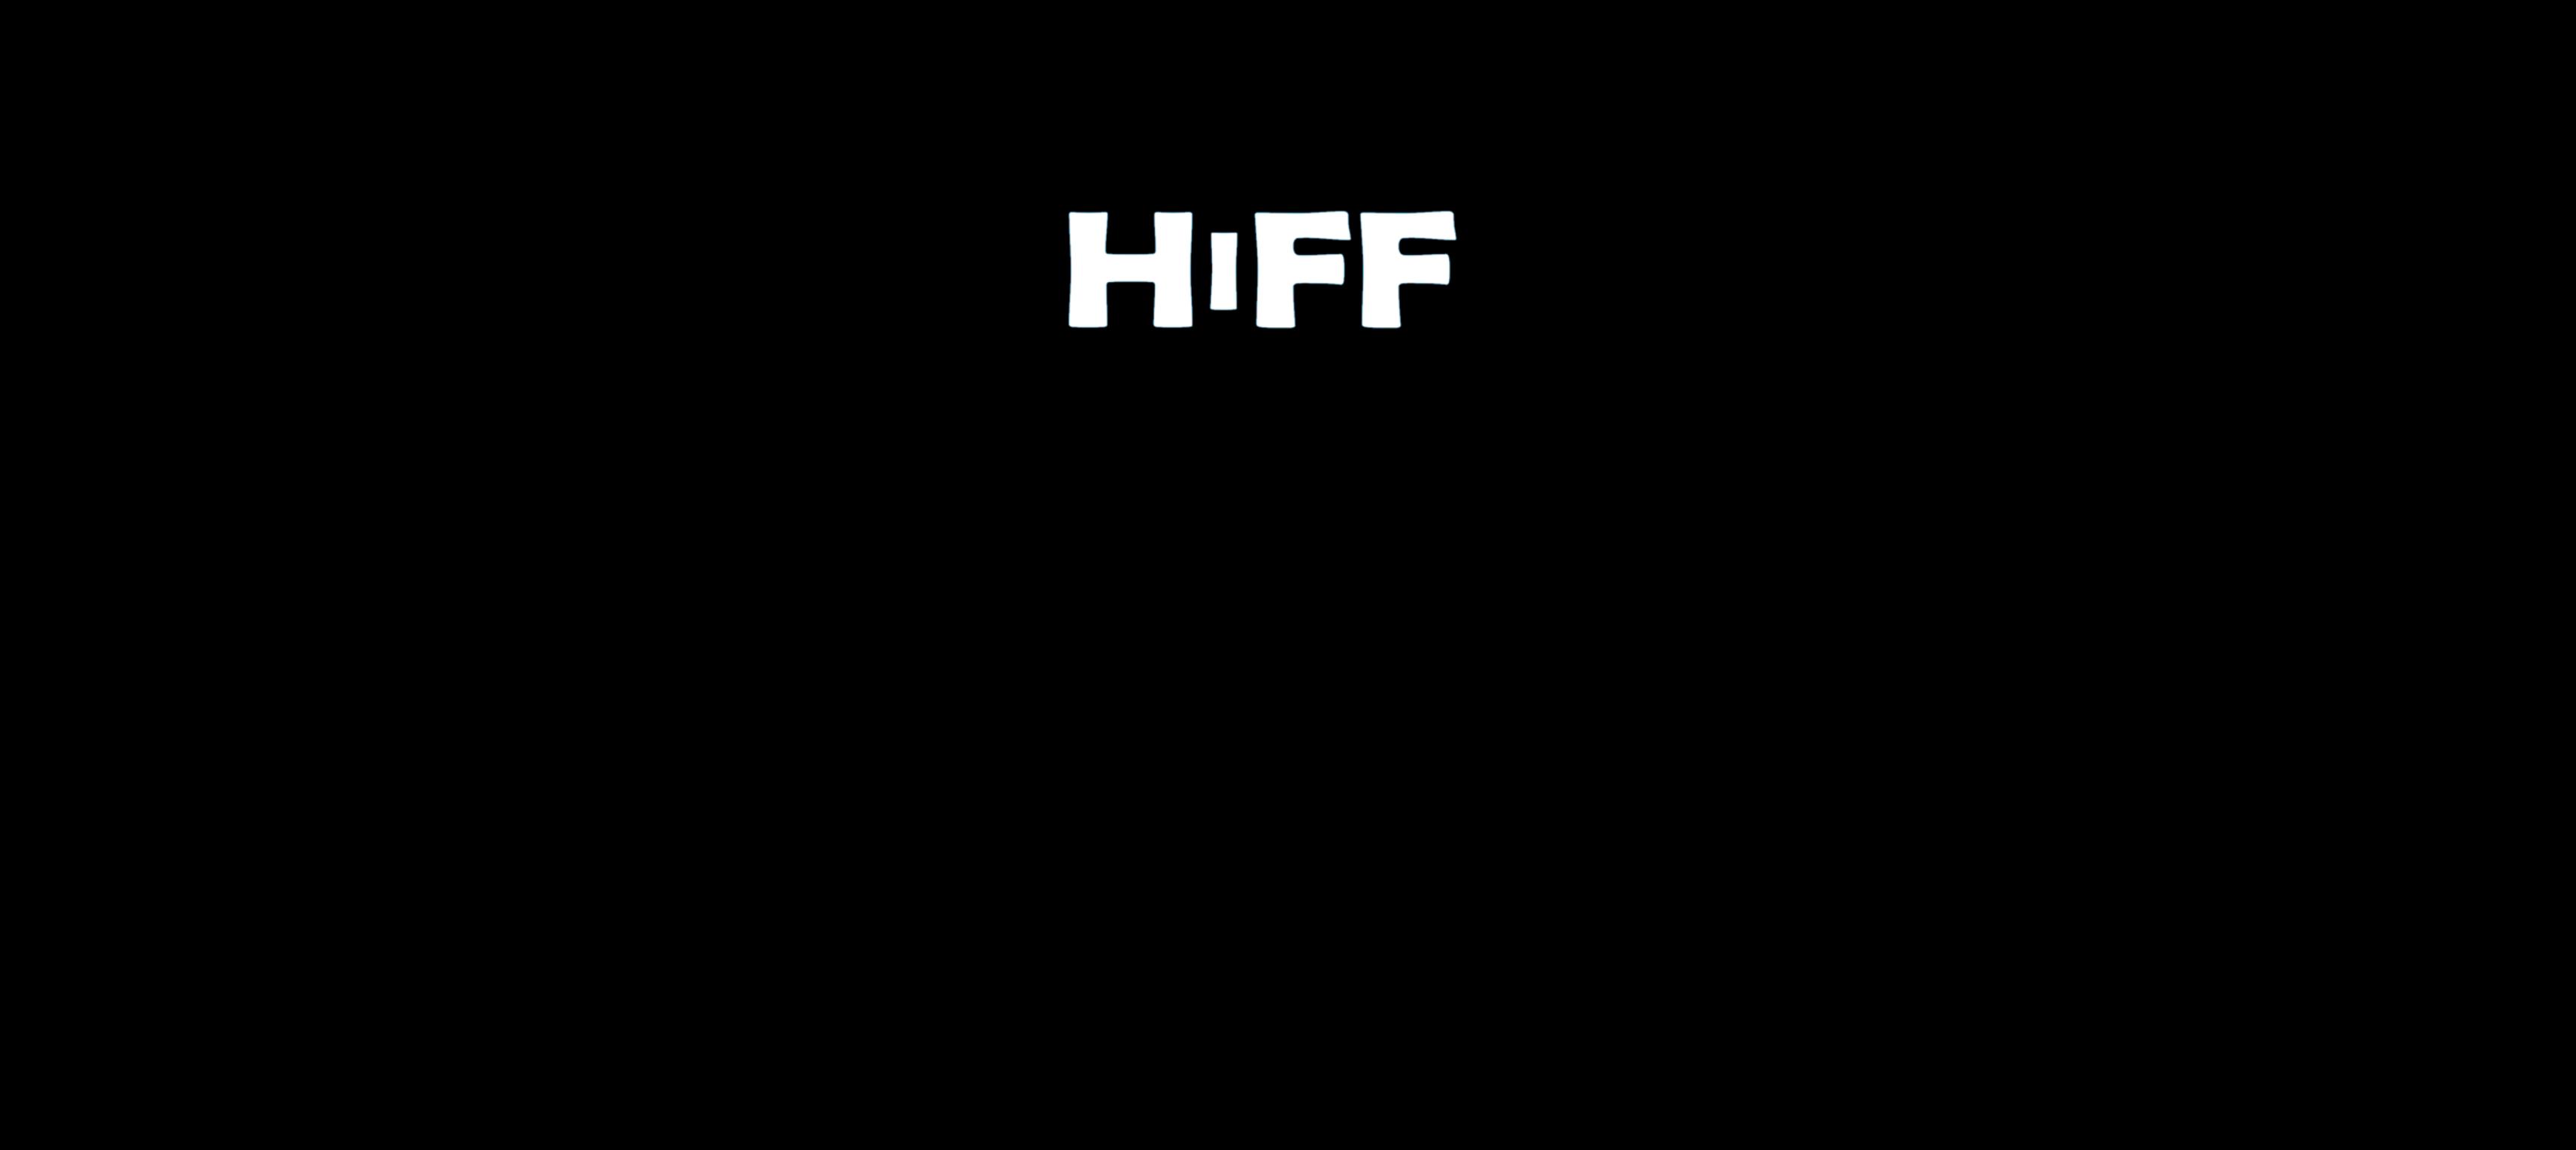 HEADLINE INTERNATIONAL FILM FESTIVAL (HIFF) Honorable Mention